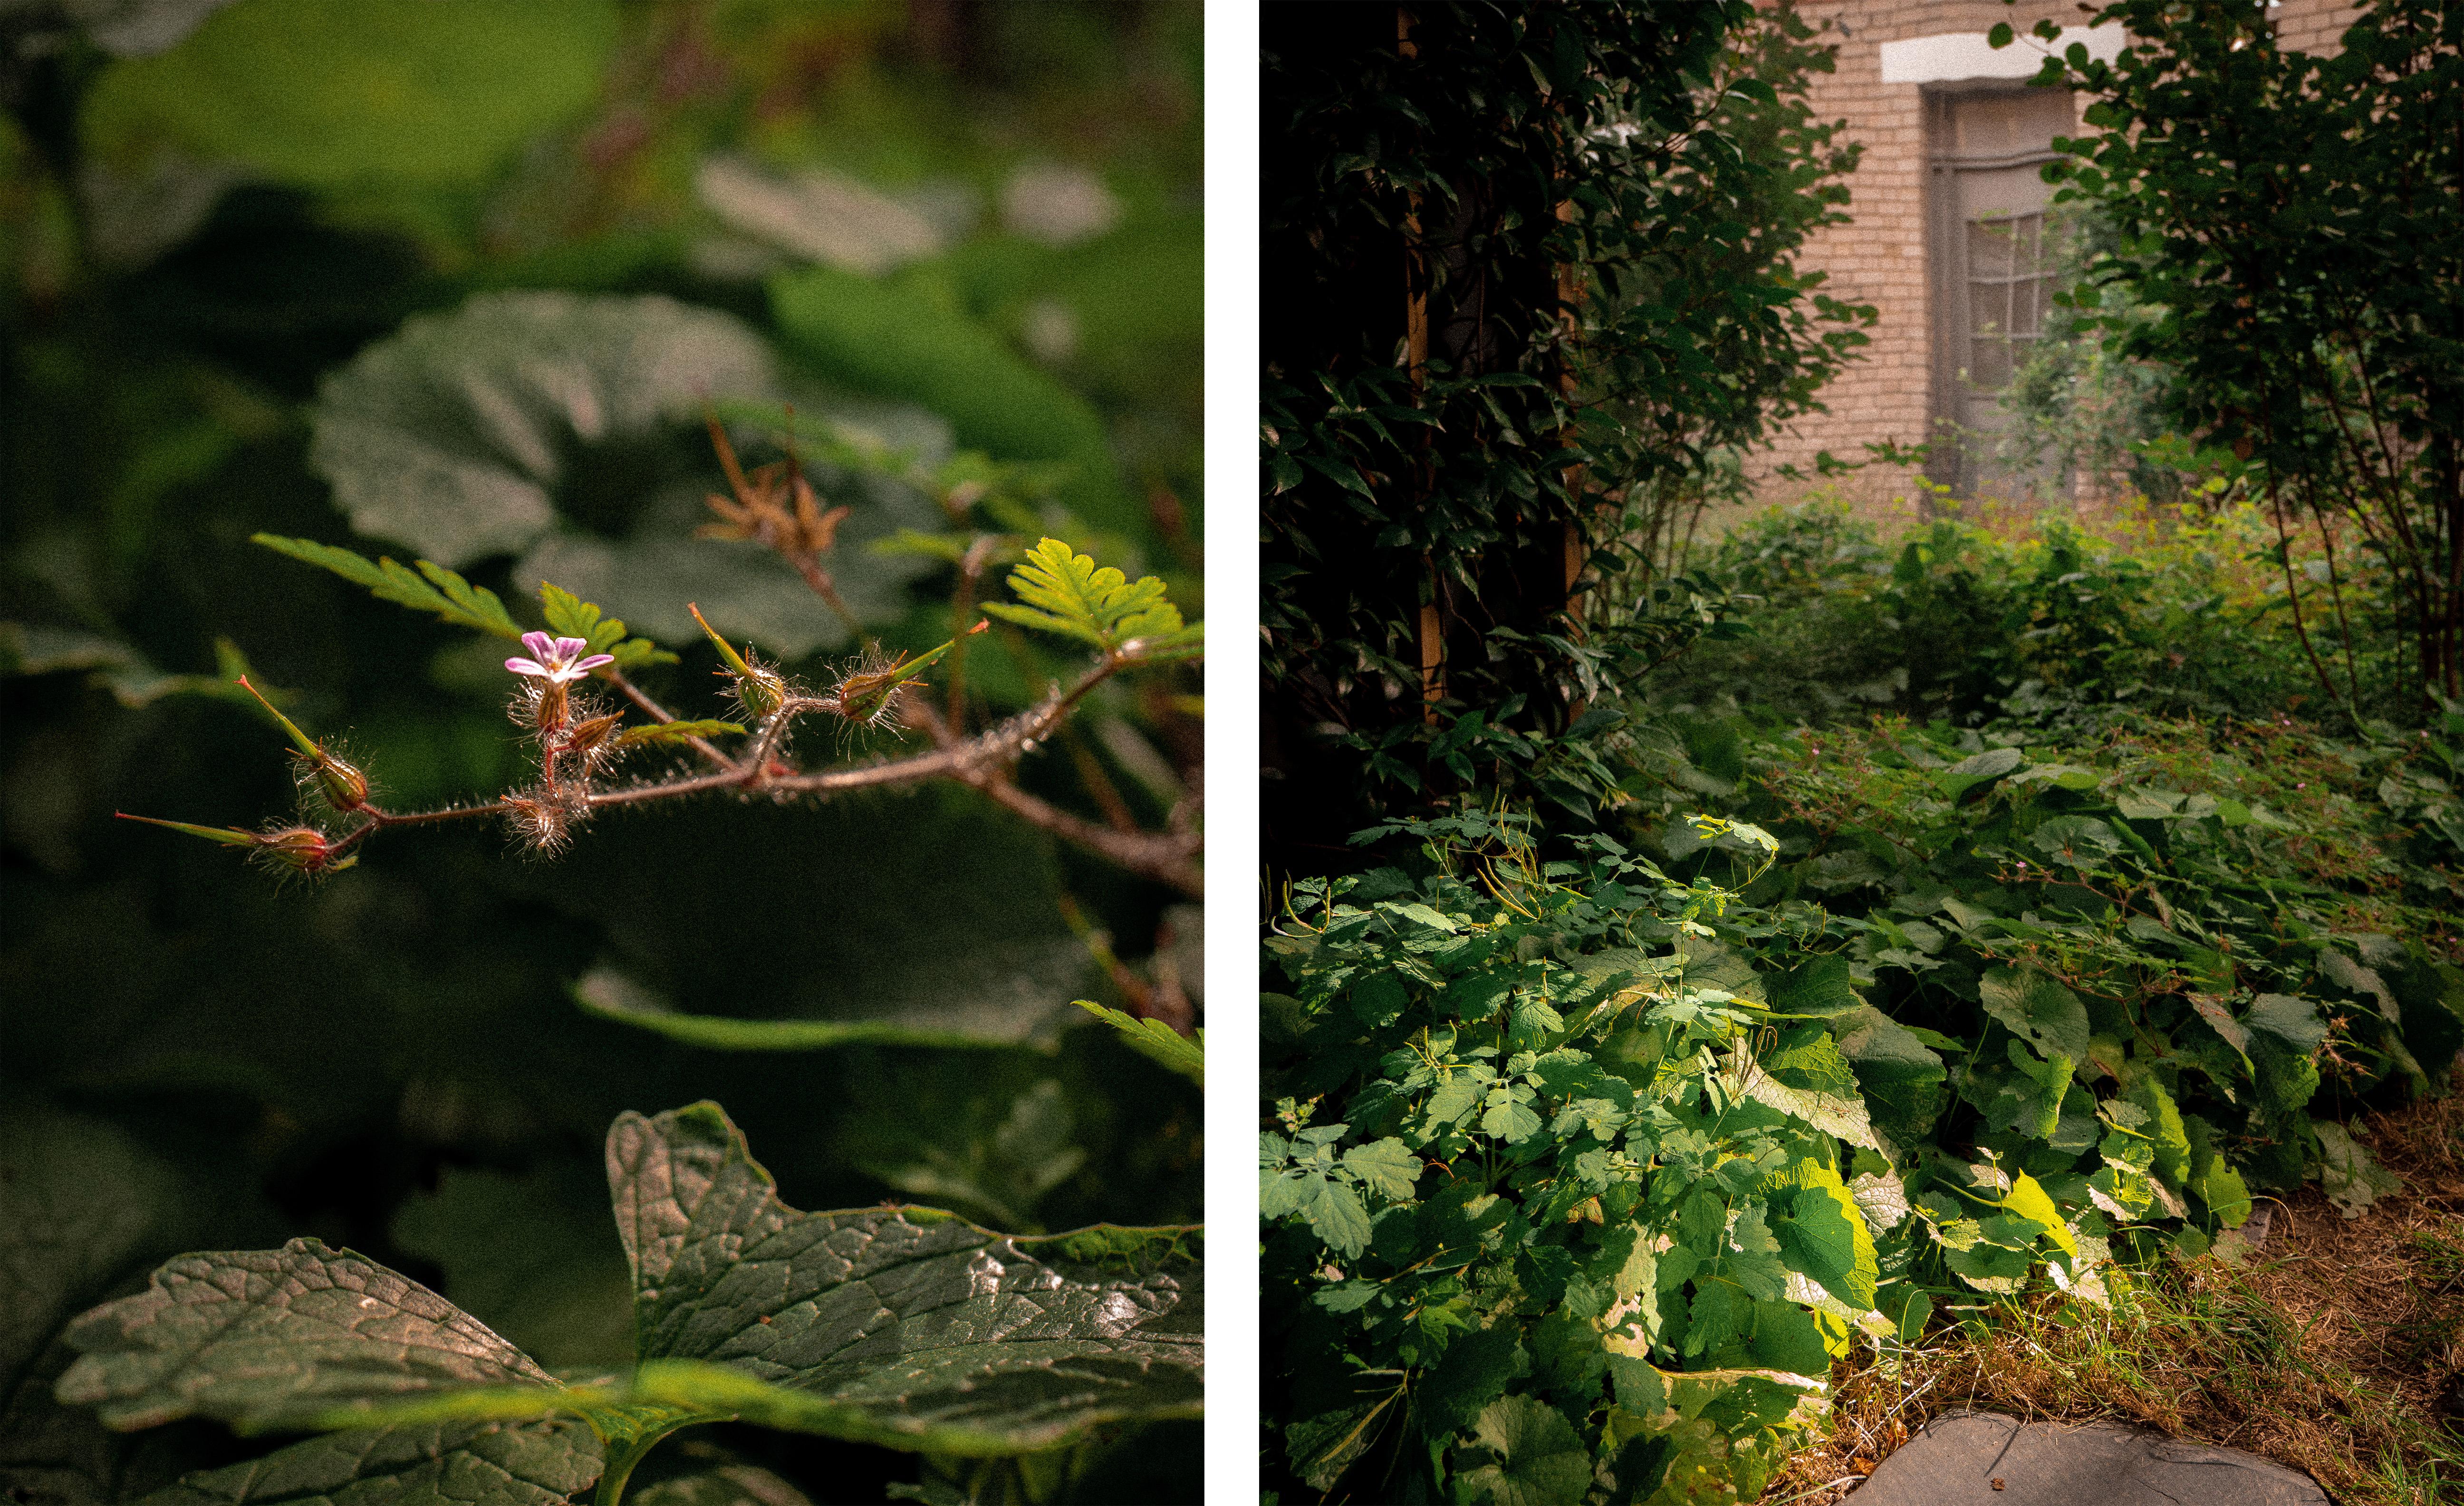 02_Jardin-infini-à-chatillon-Paysagiste-Hermeline-Carpentier-©photo-Anthony-Marques